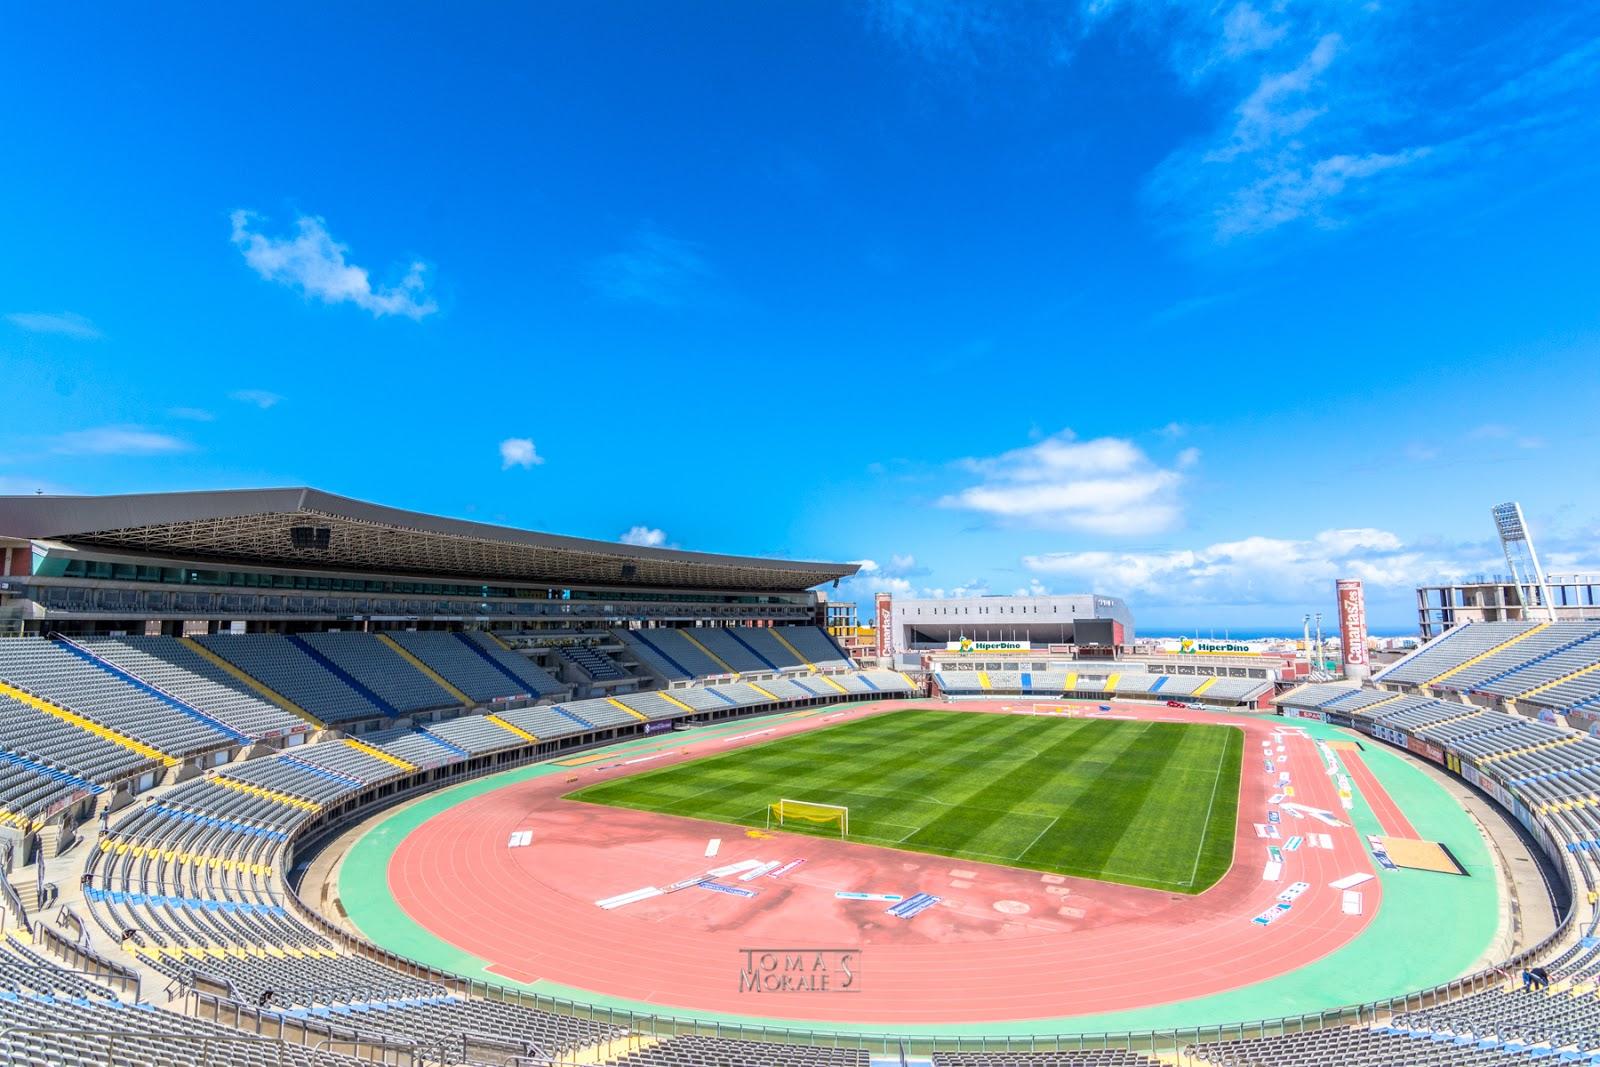 Estadio de gran canaria y gran canaria arena for Estadio arena